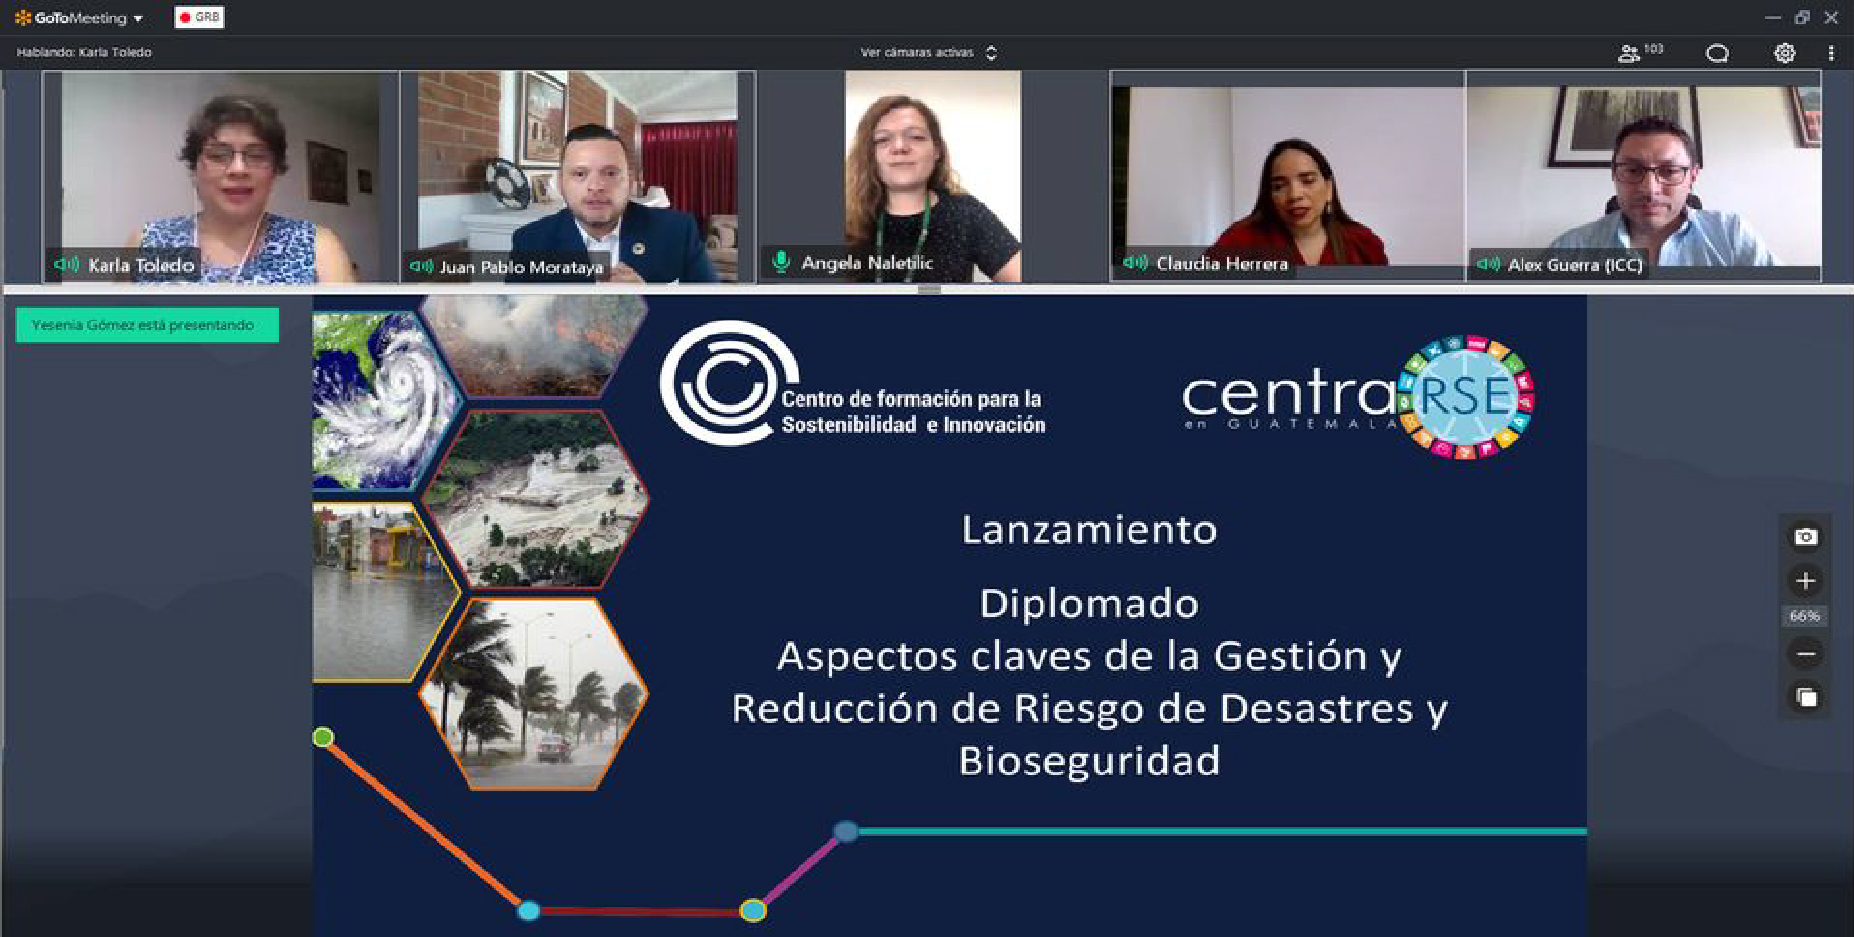 """Lanzamiento Diplomado Virtual """"Aspectos claves de la Gestión y Reducción de Riesgo de Desastres y Bioseguridad"""""""